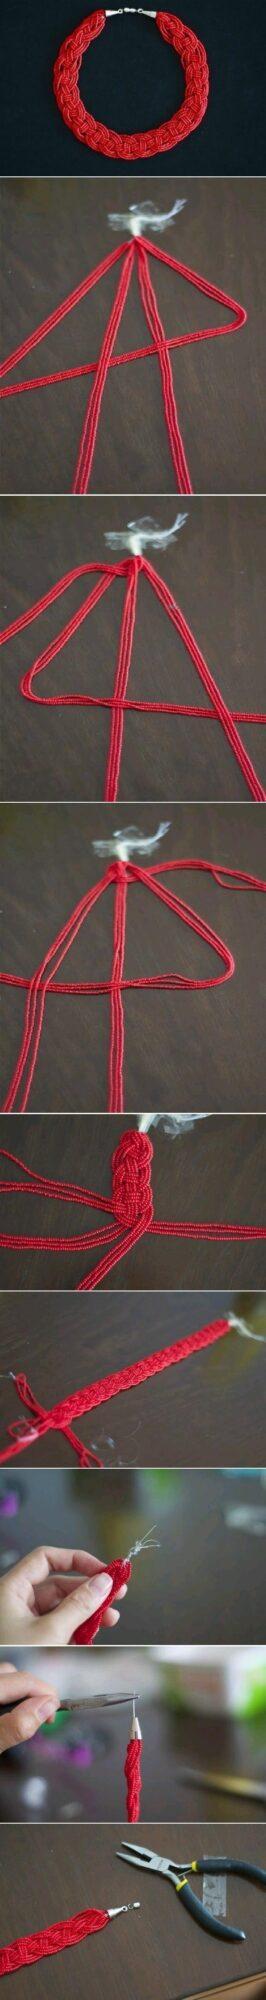 24 Super Easy DIY Bracelets 1